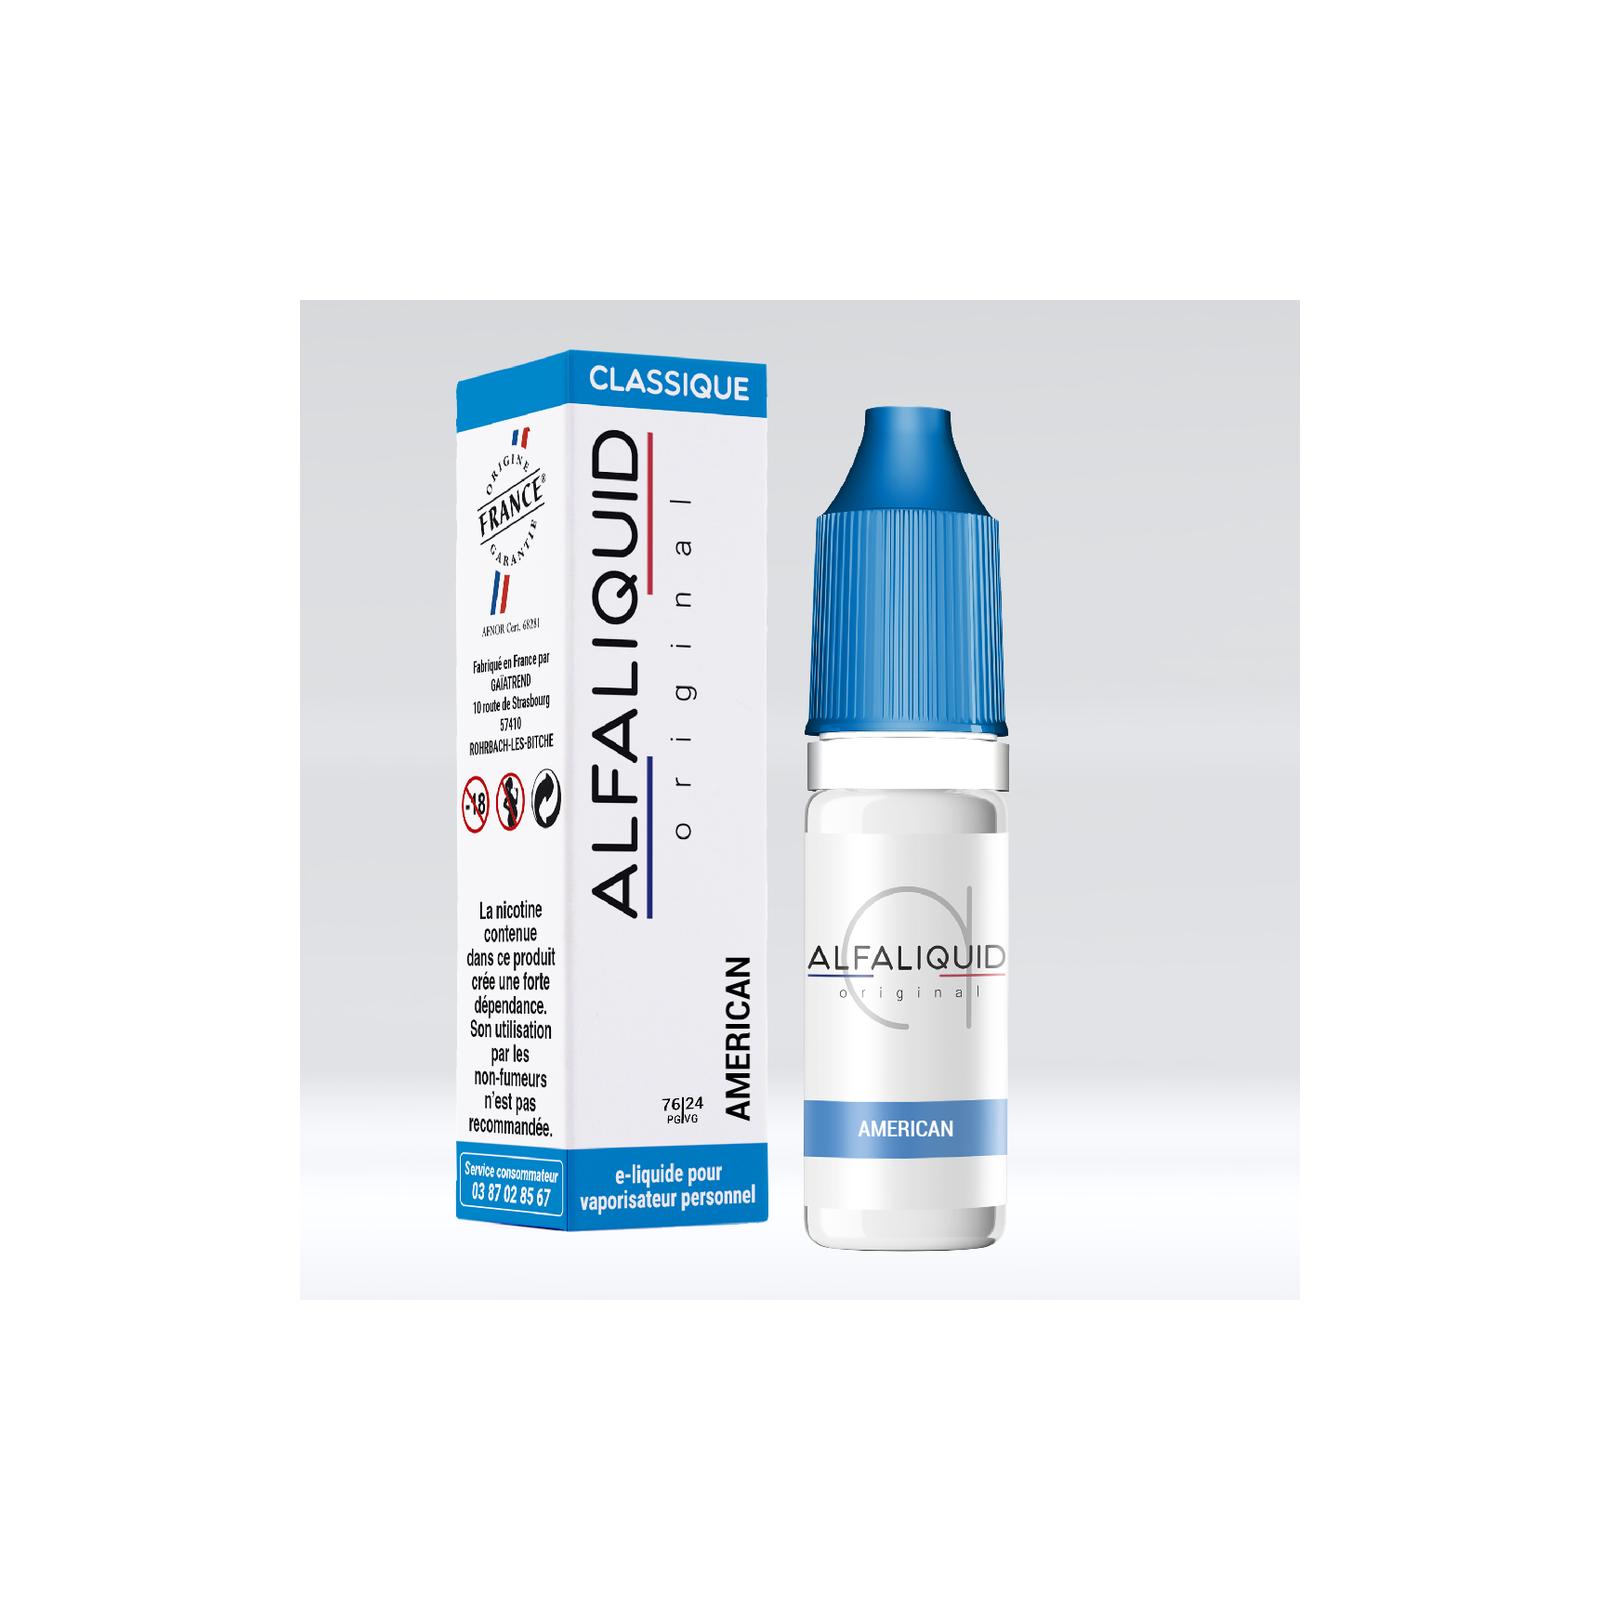 Américain - Alfaliquid